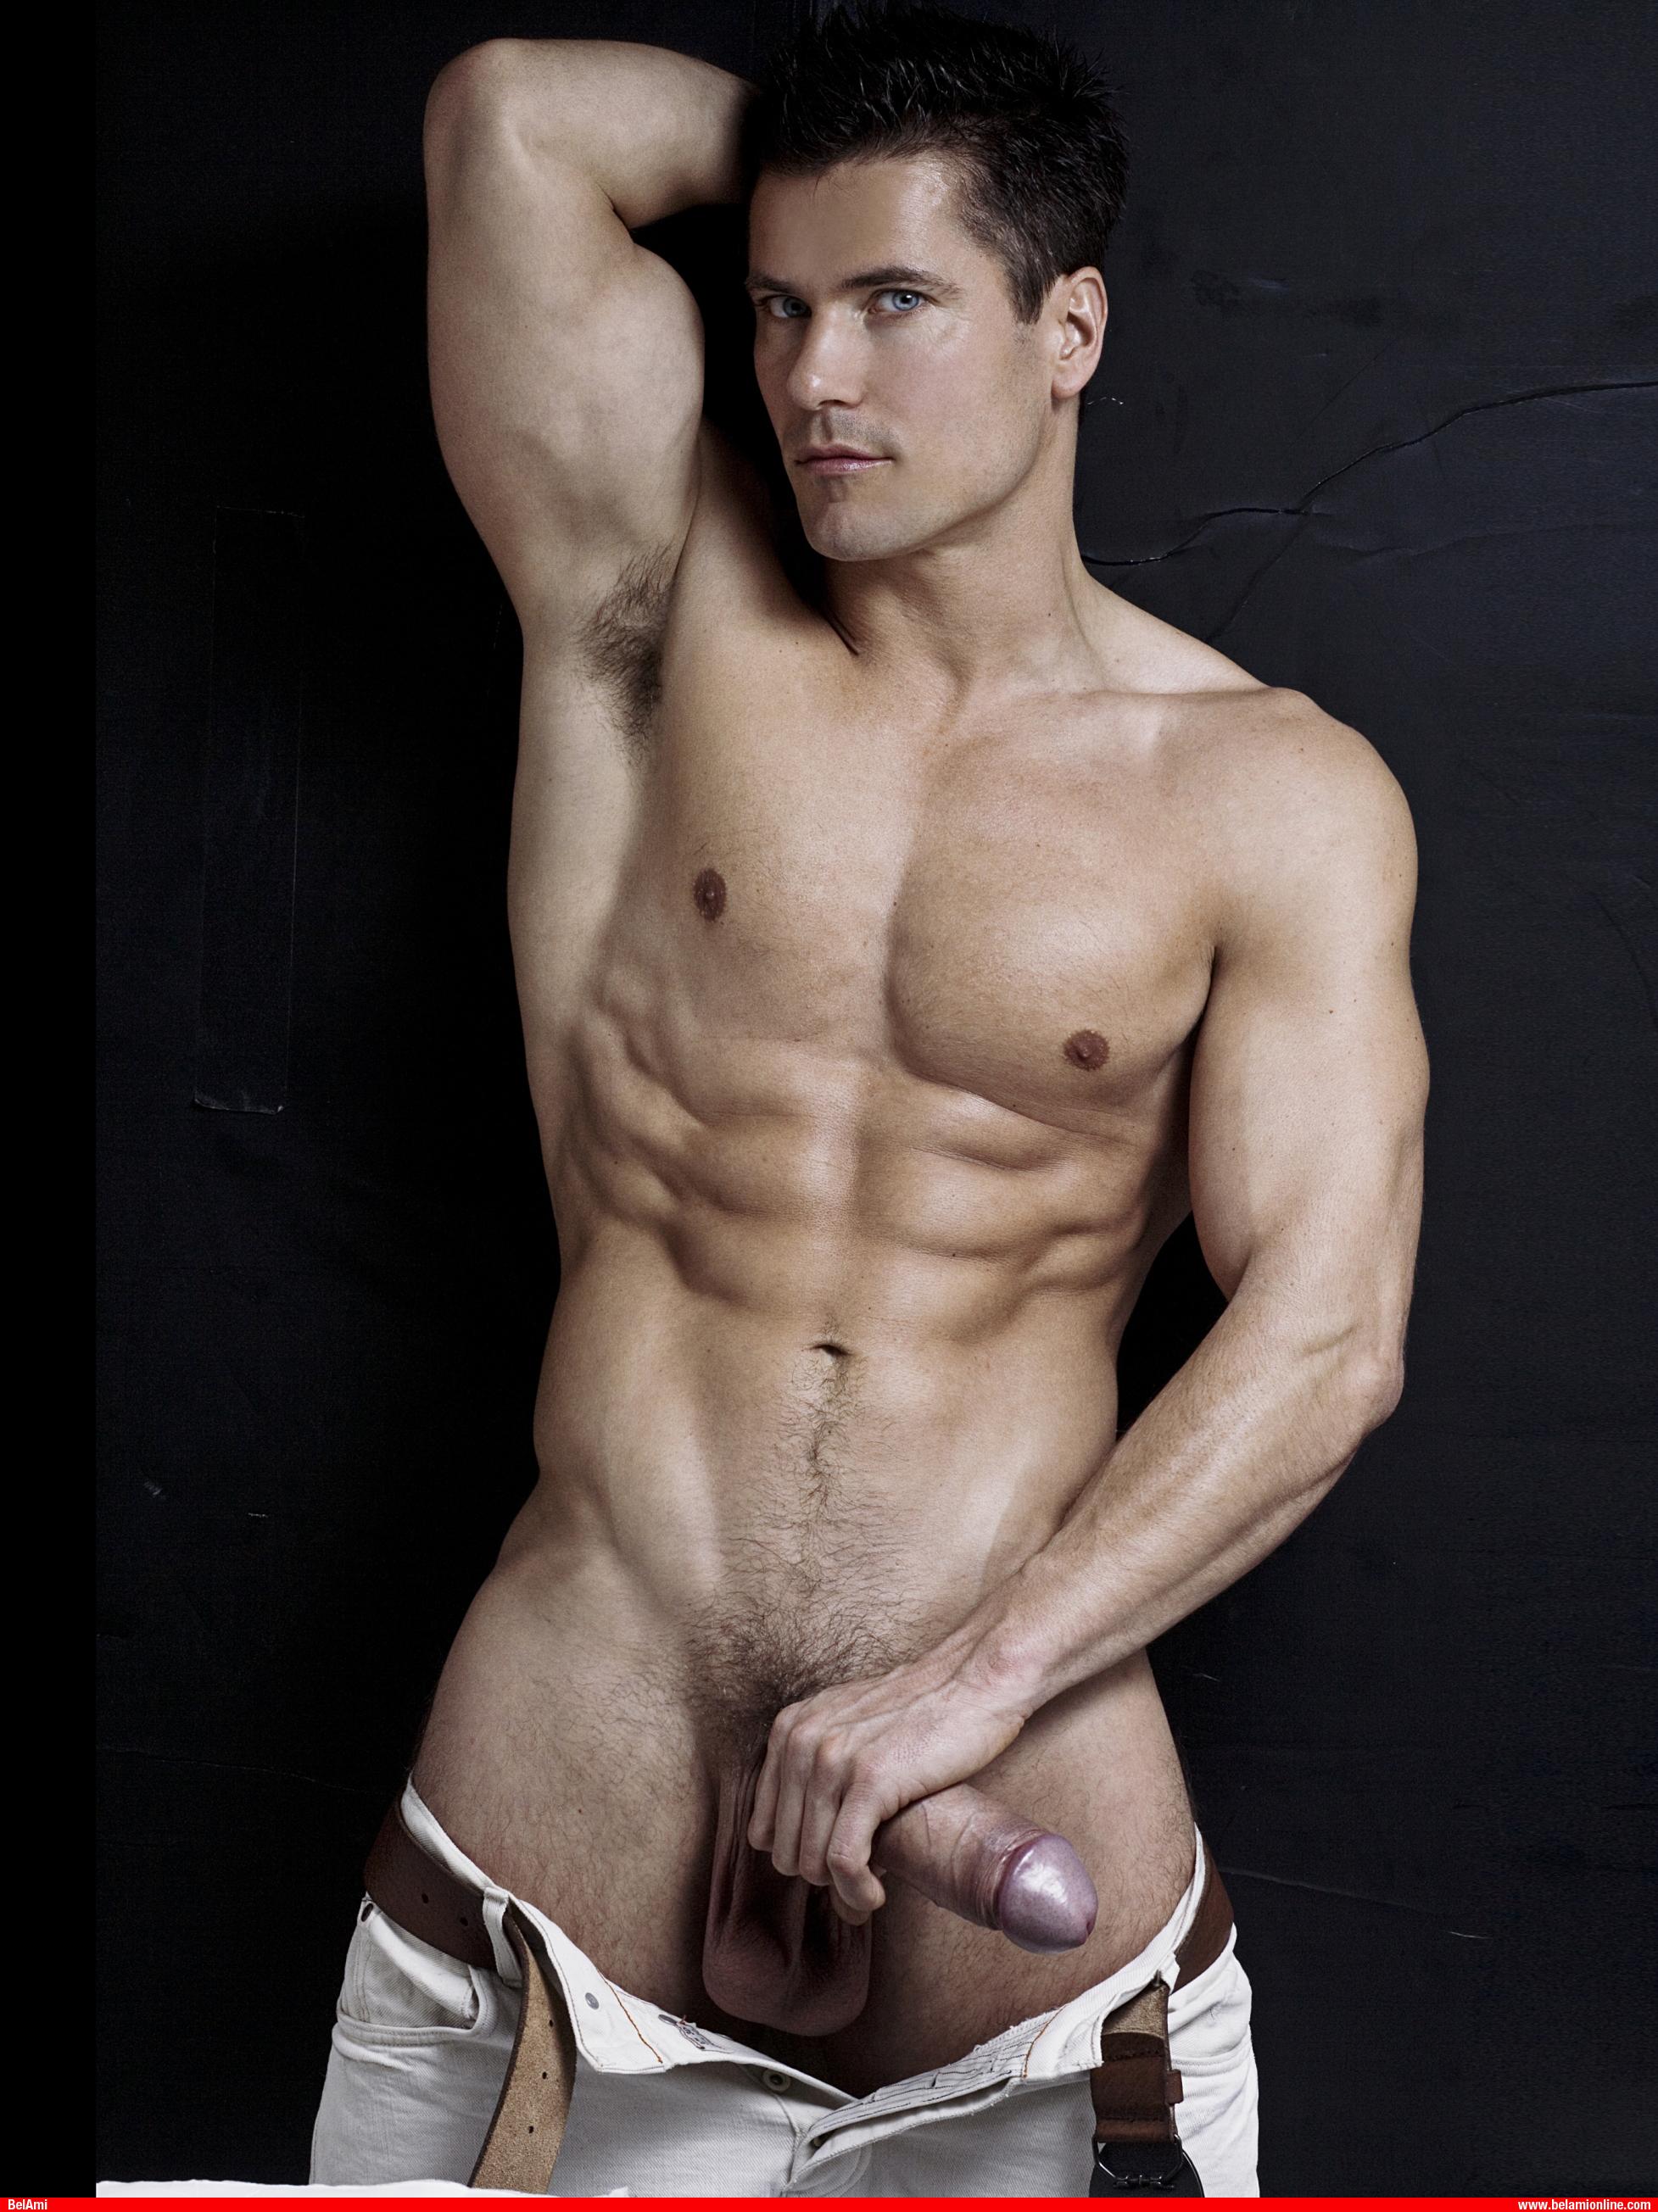 Очень красивые голые мужчины порно фото